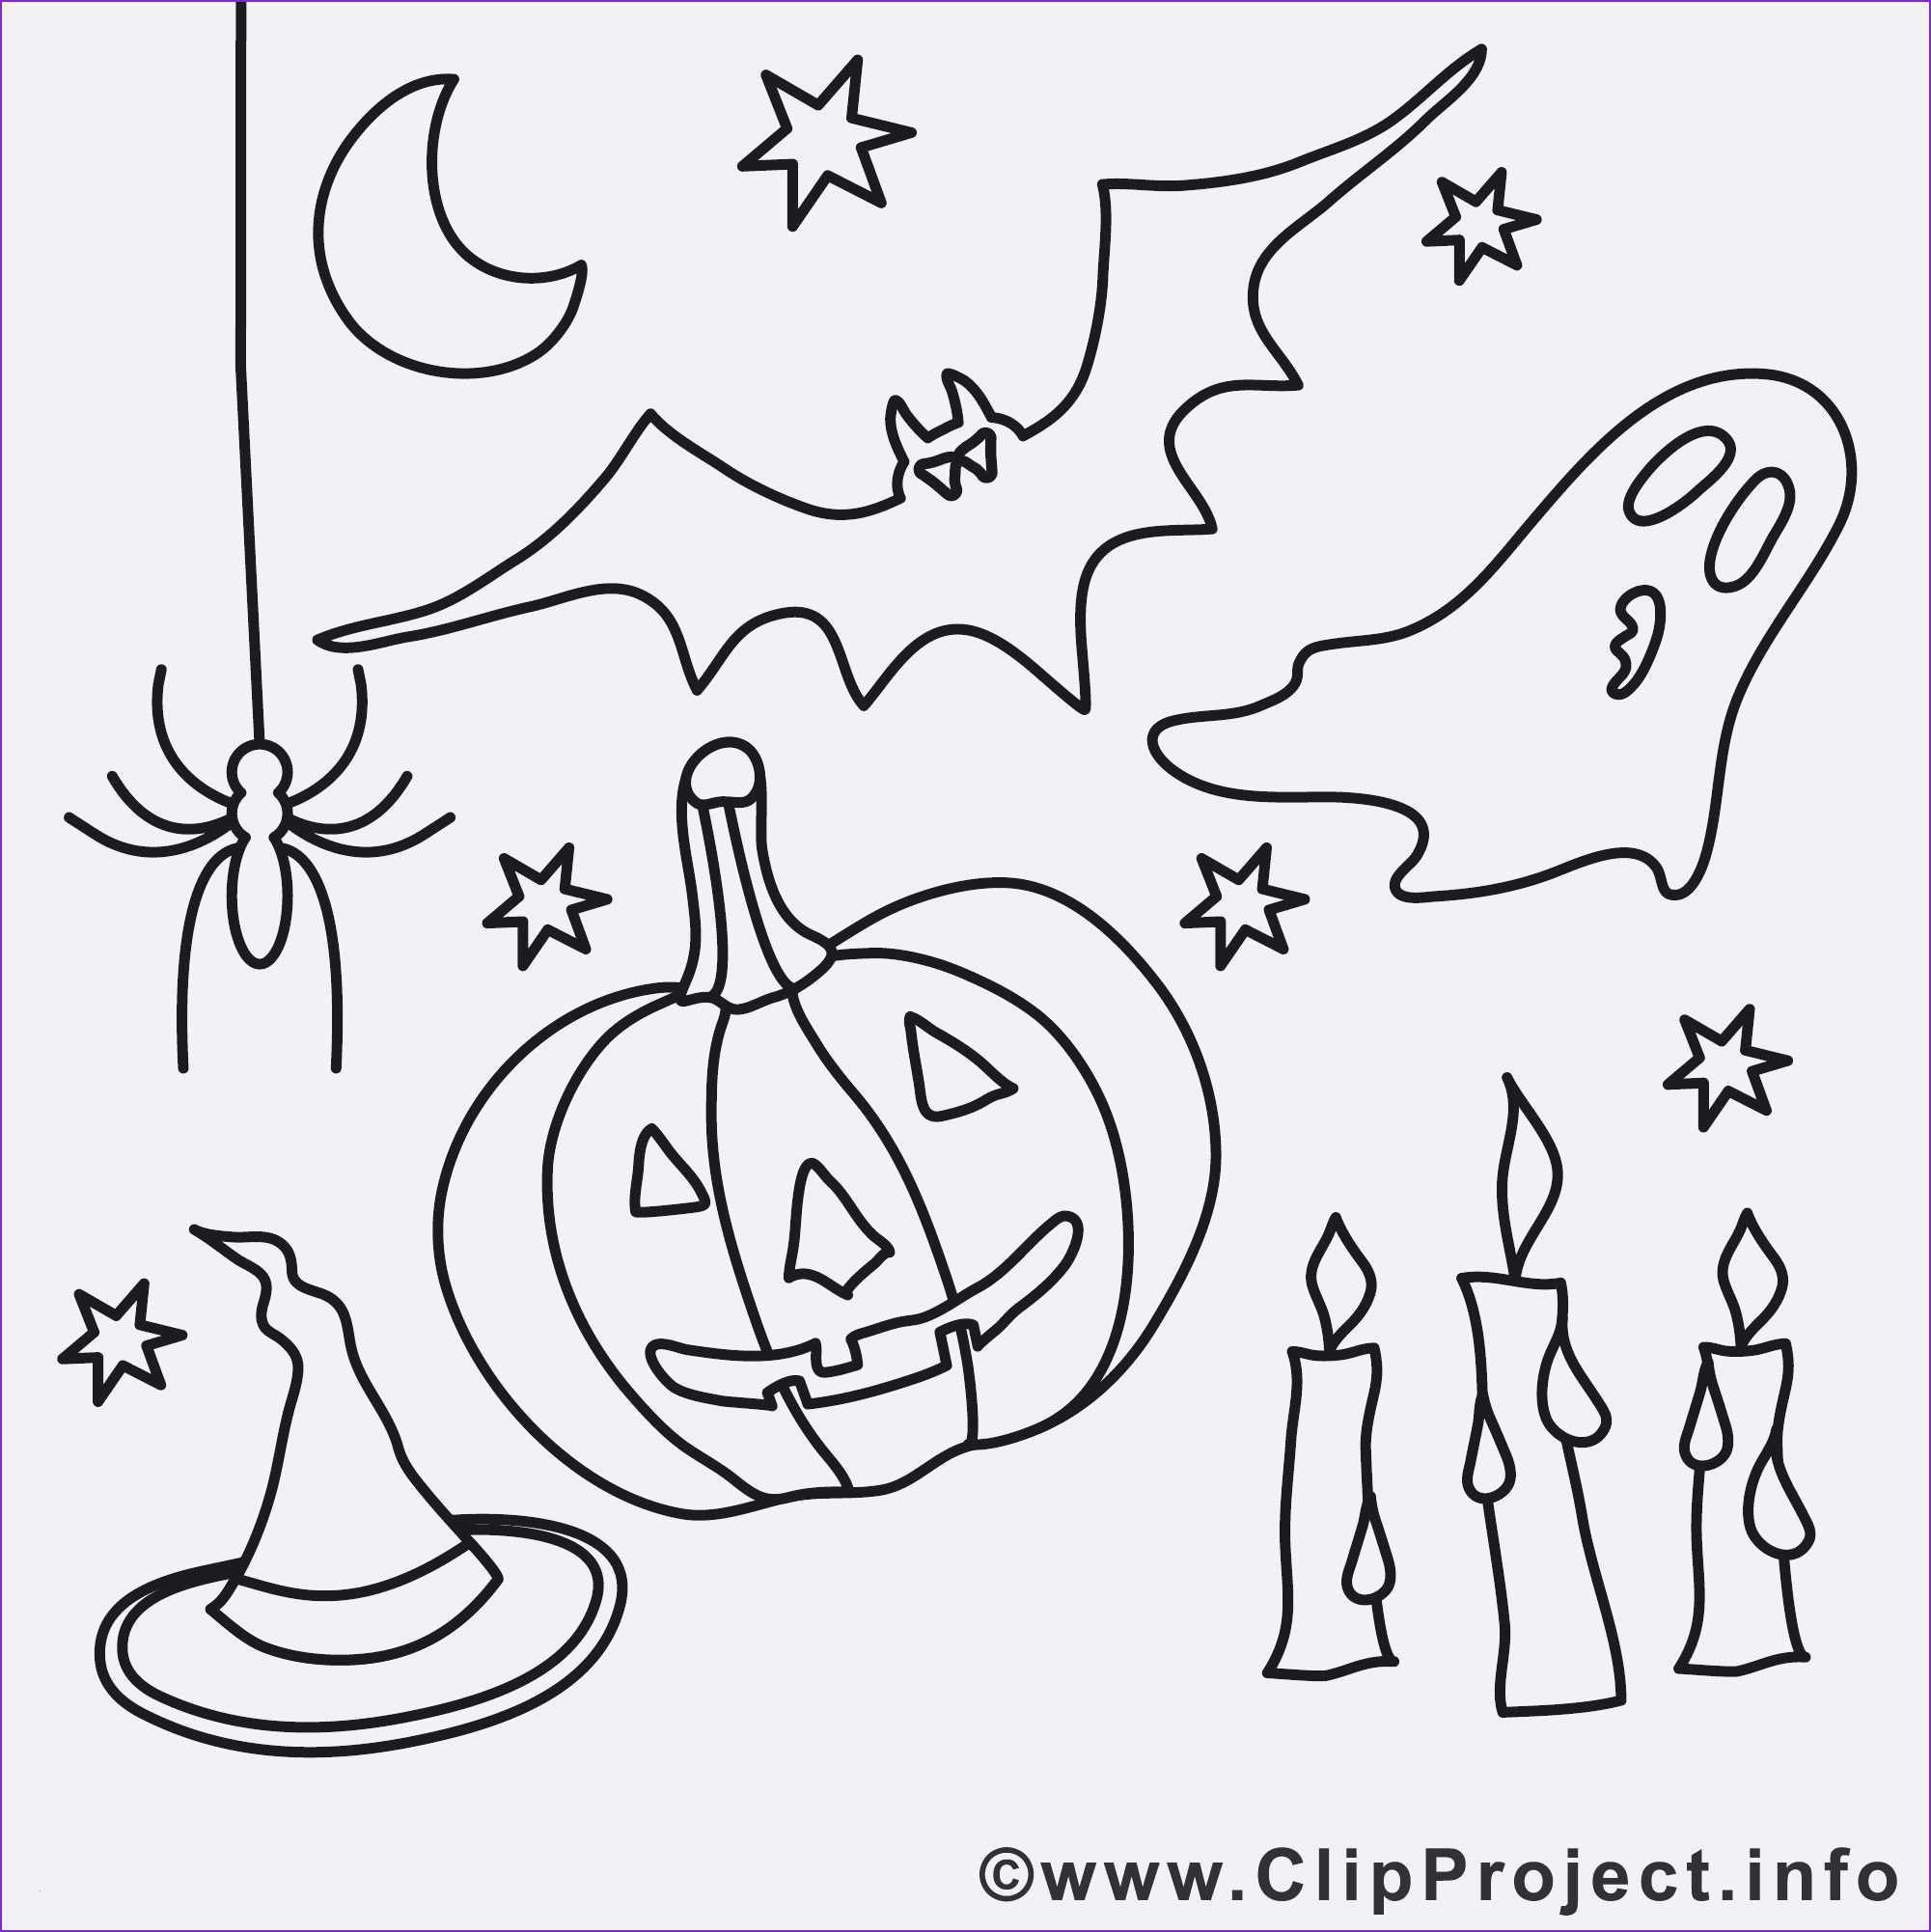 50 Neu Malvorlagen Bagger Sammlung Ausmalbilder Halloween Vorlagen Ausdrucken Malvorlagen Halloween